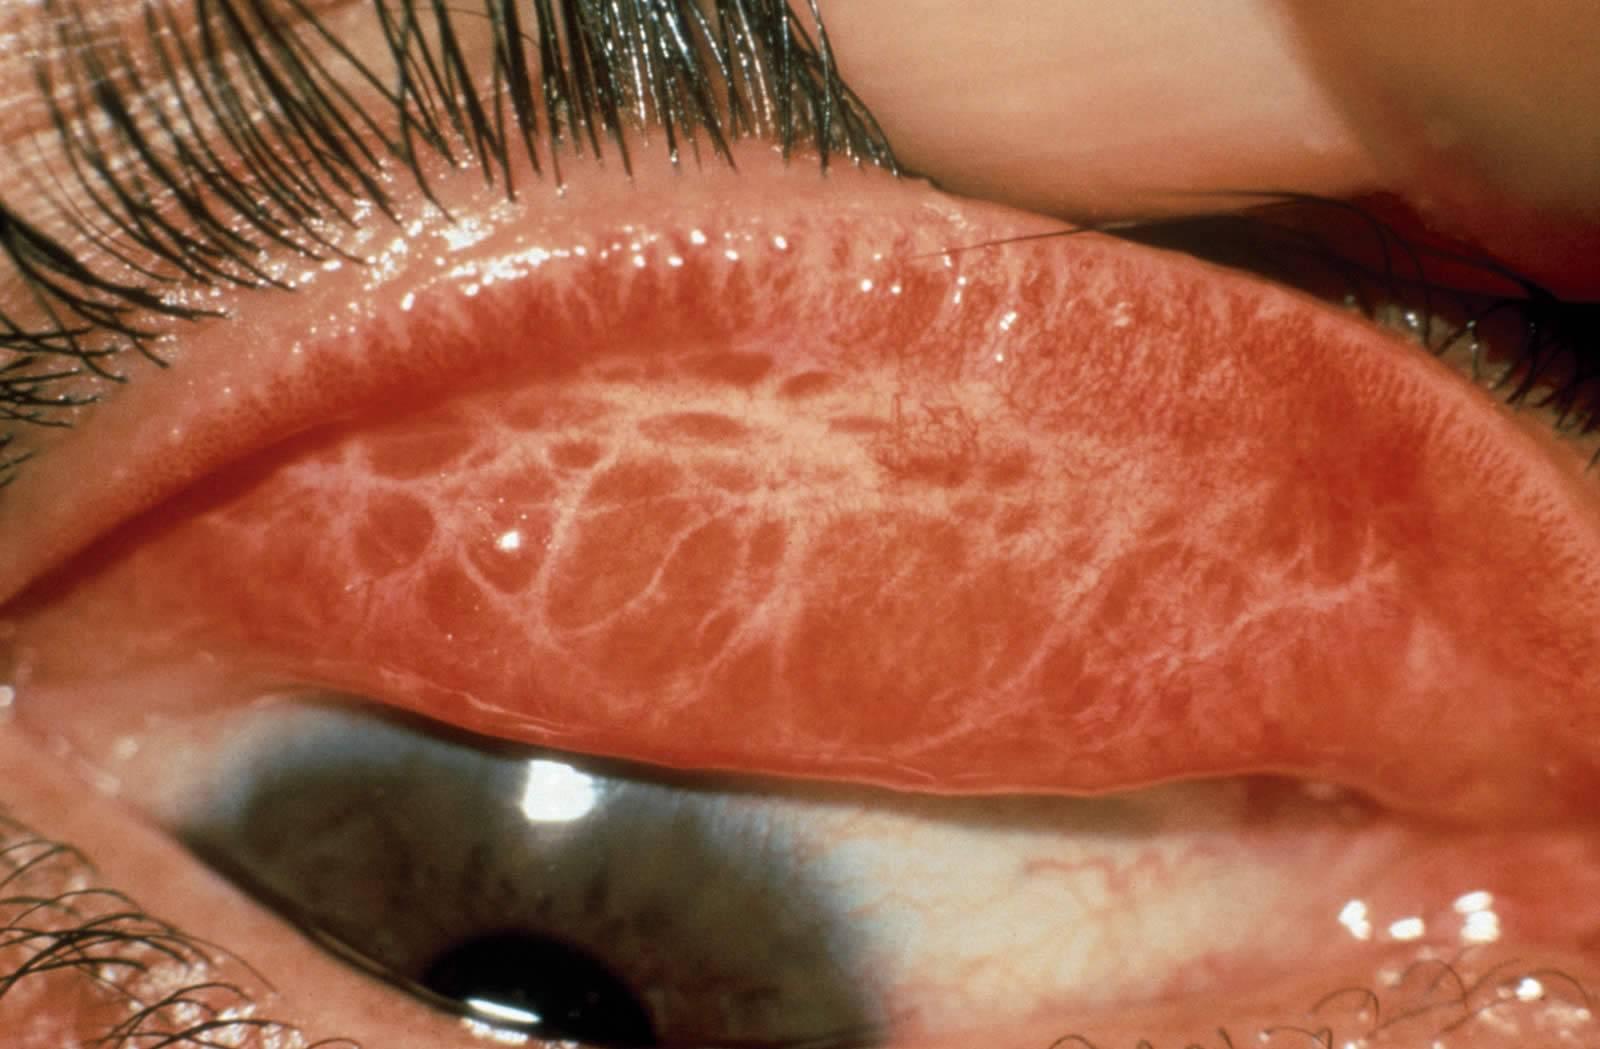 Хламидийный конъюнктивит - симптомы и лечение